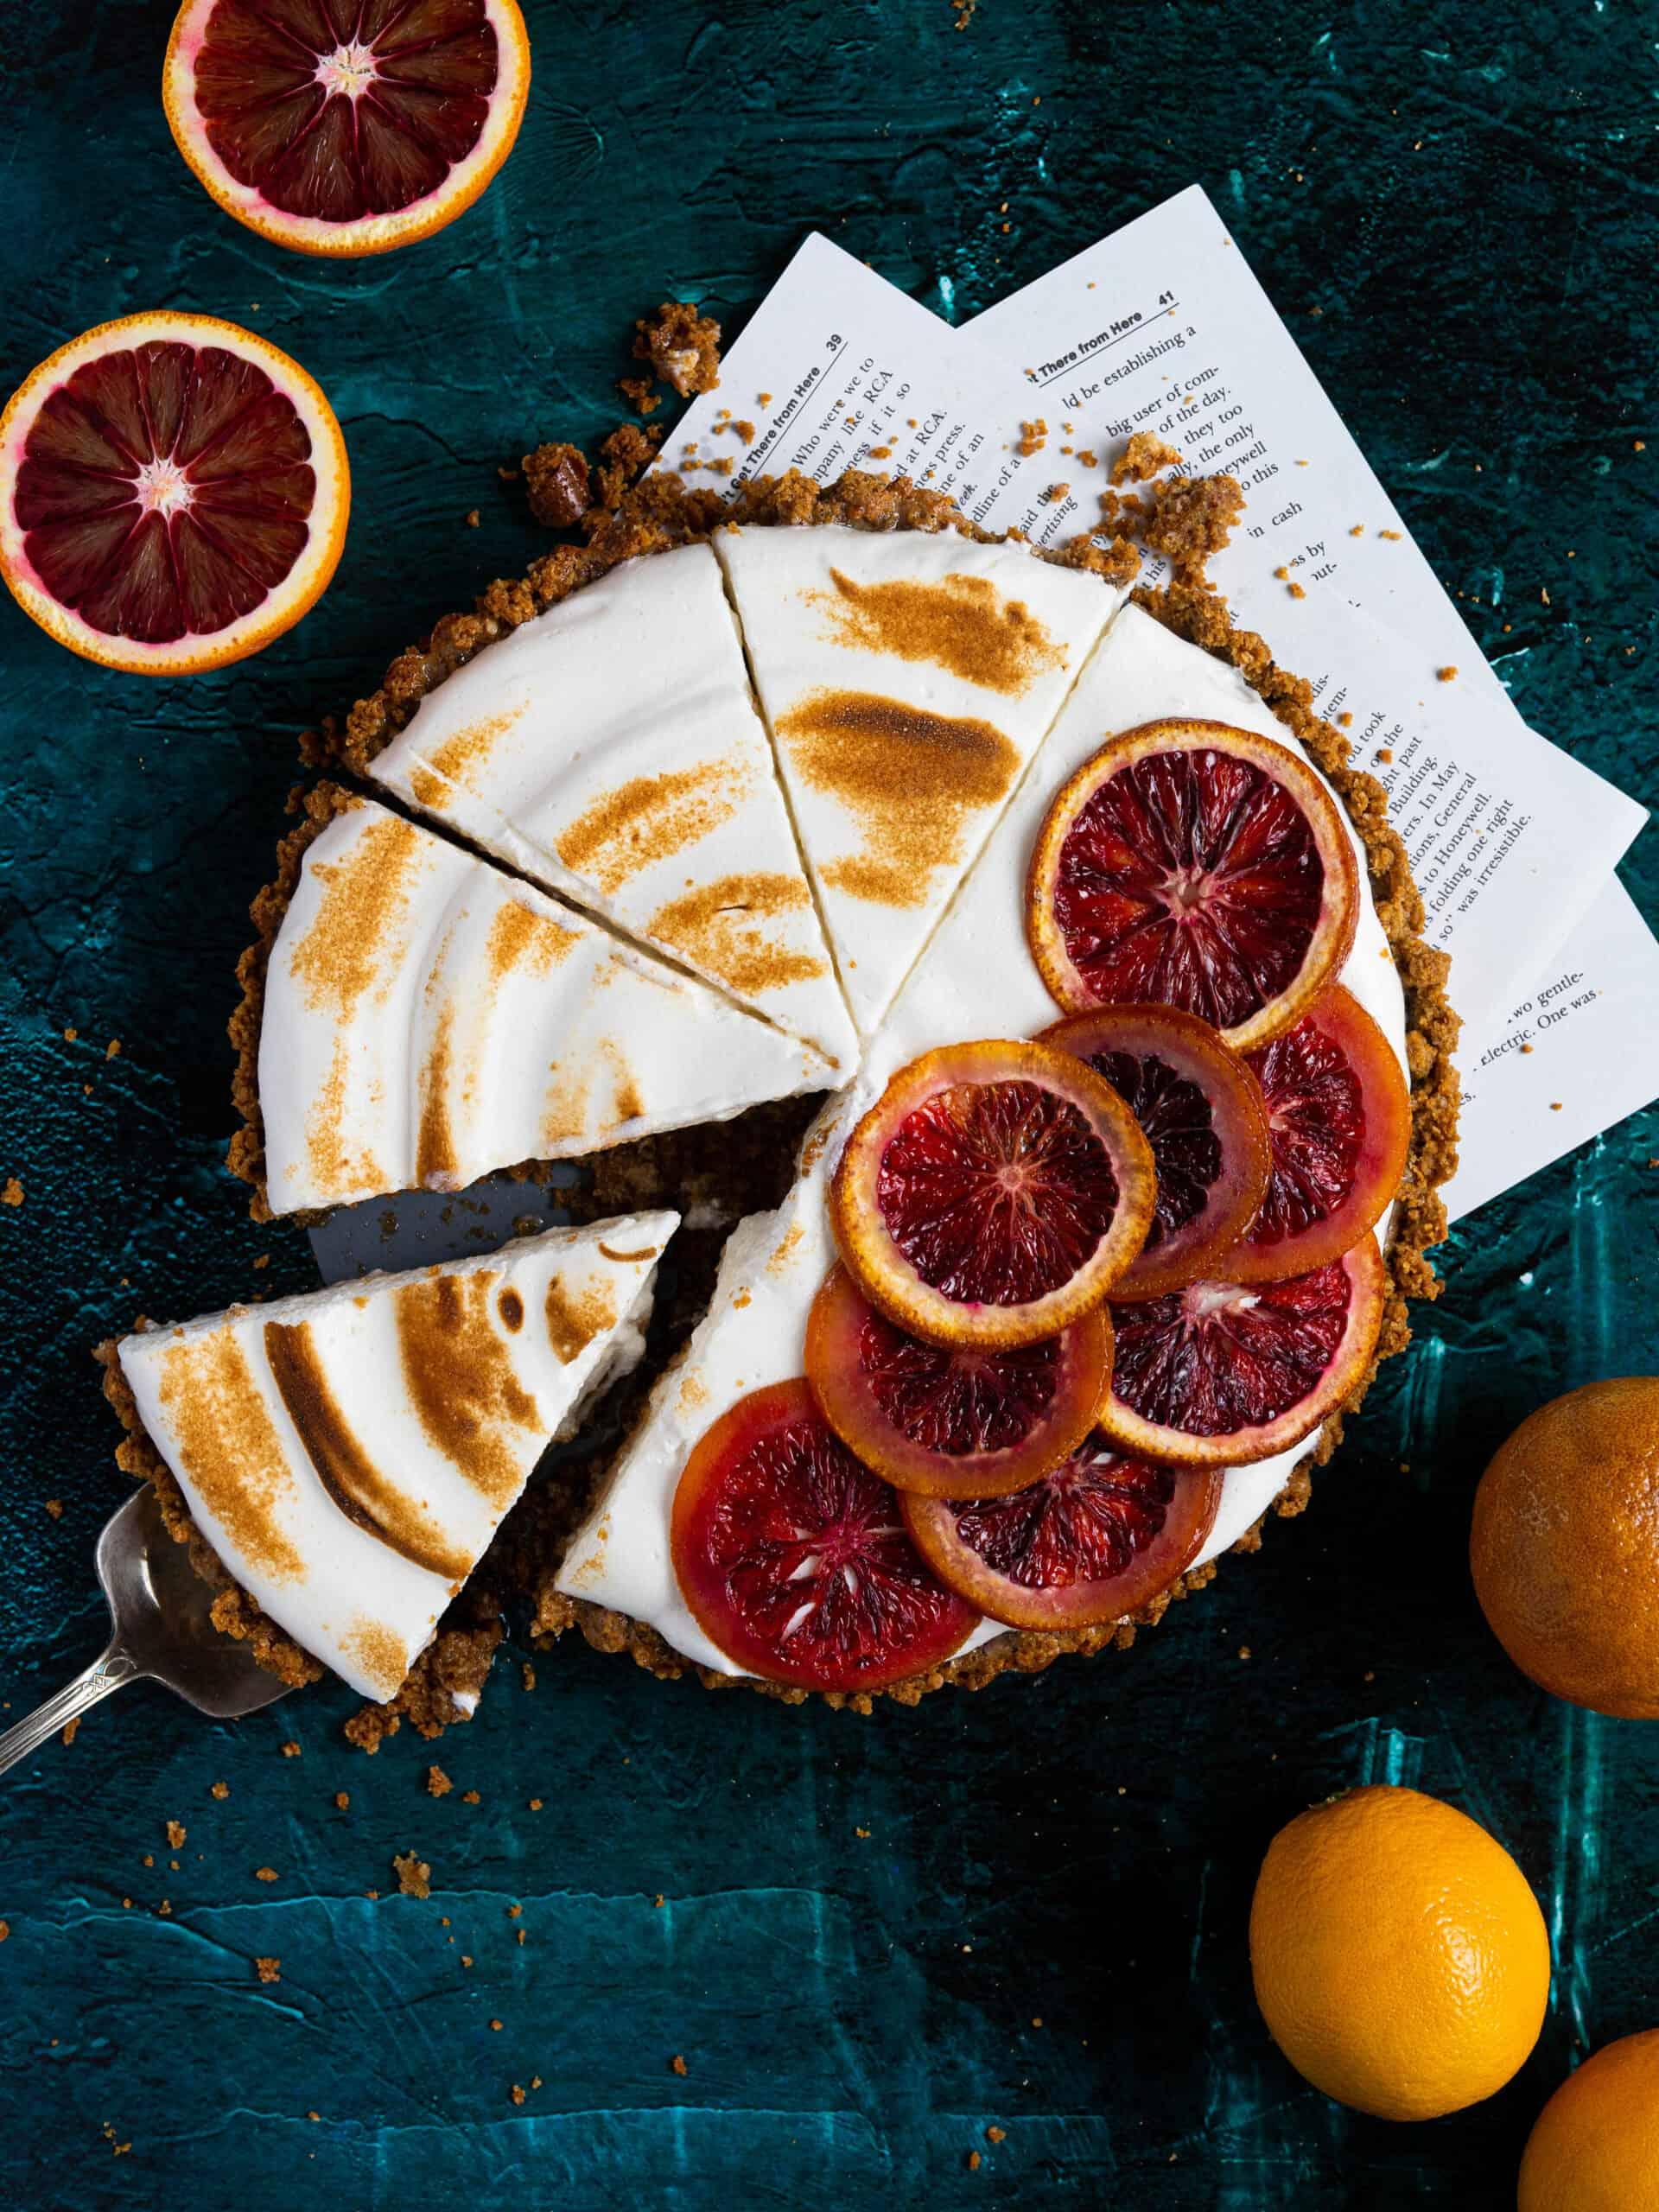 A blood orange tart